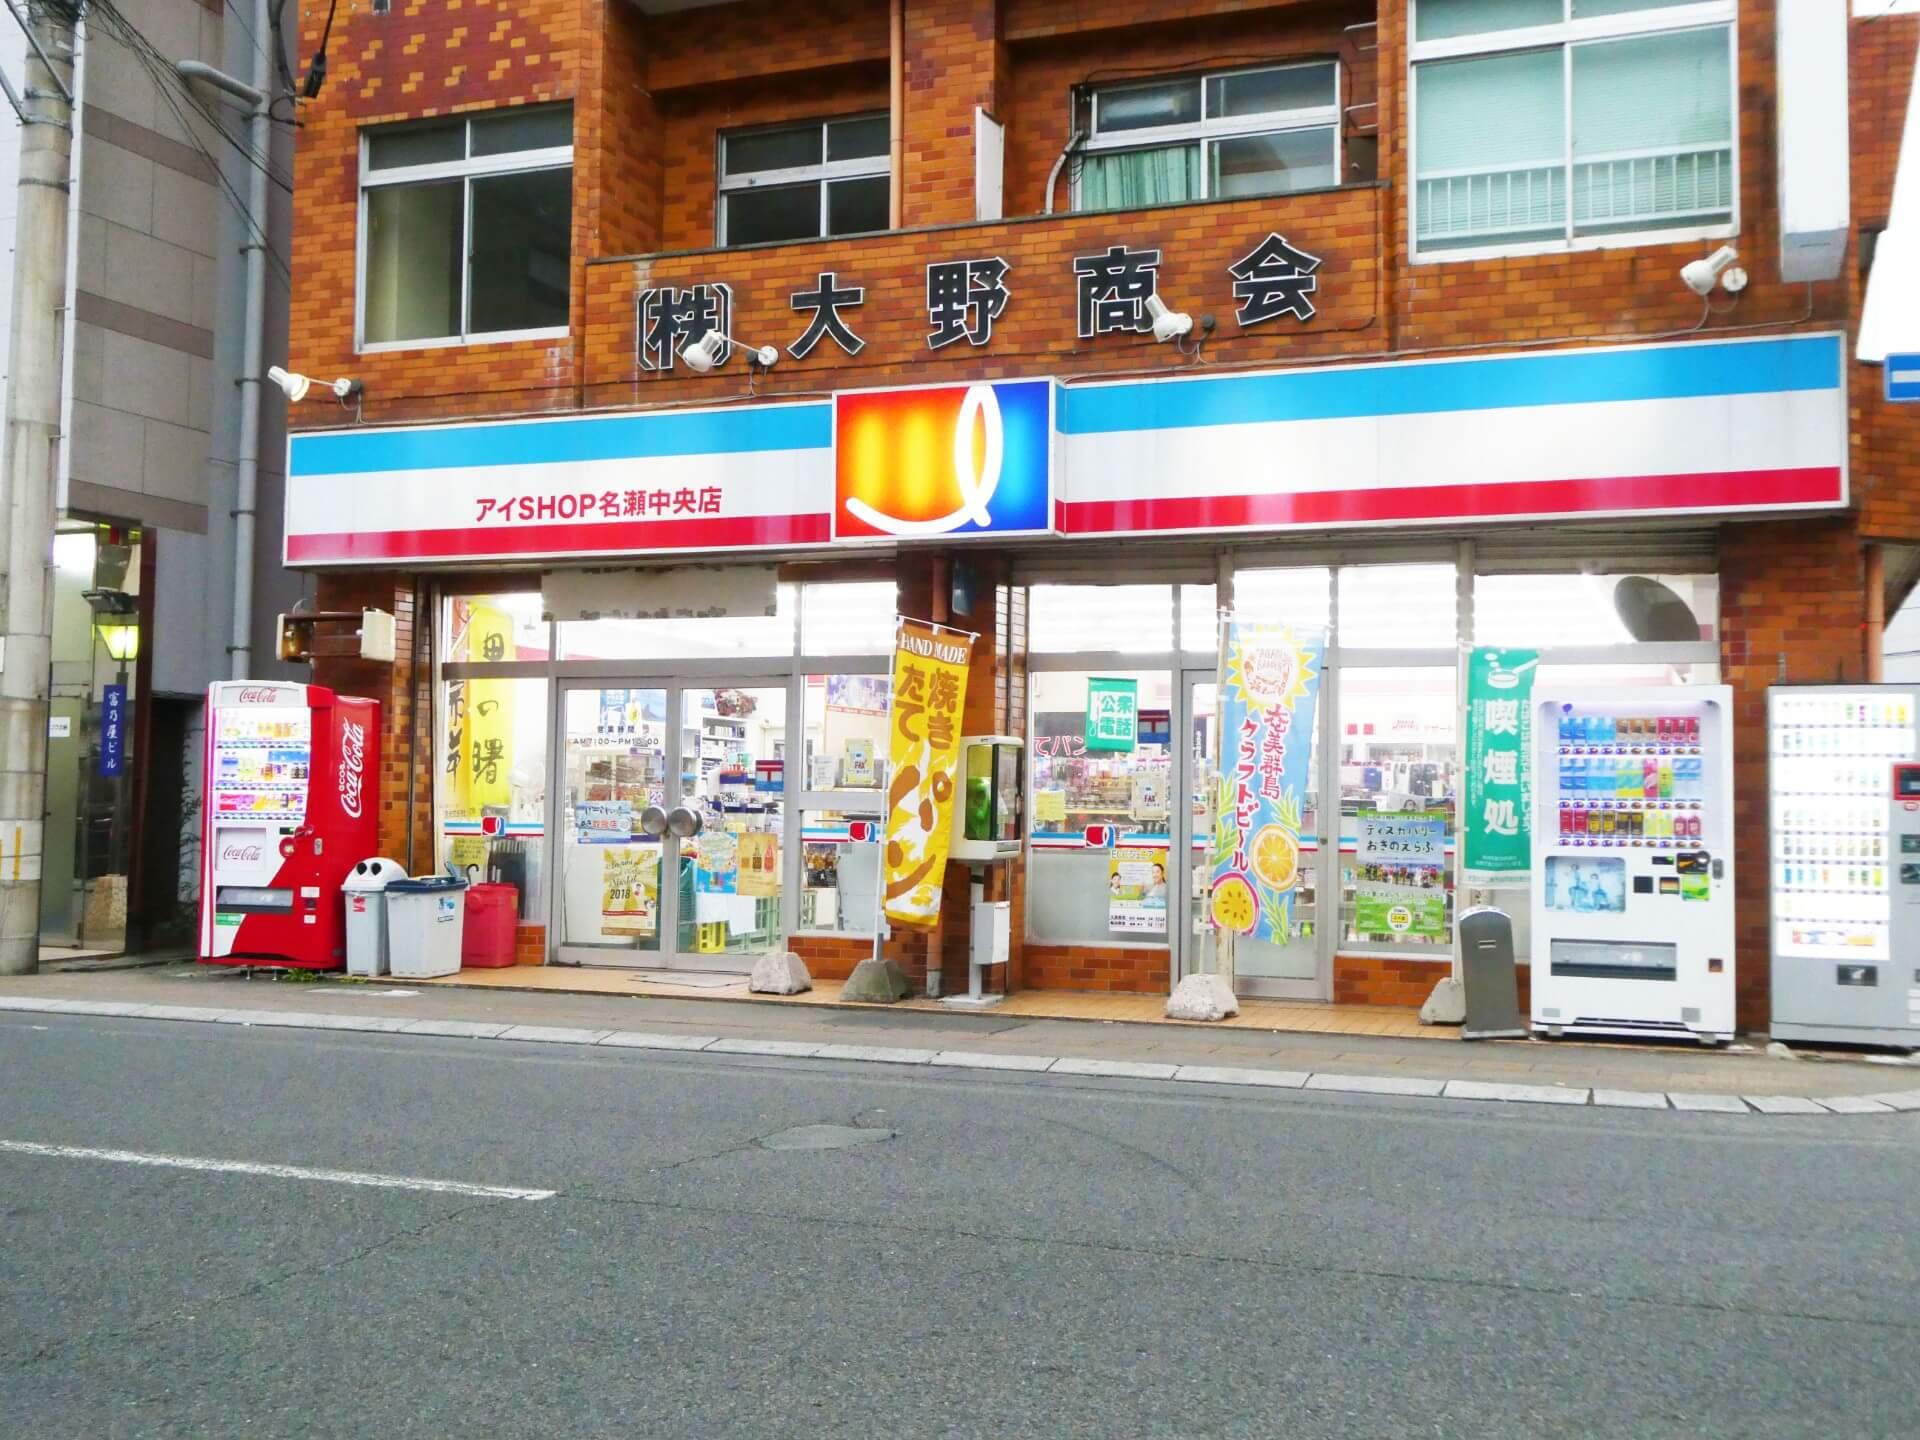 アイショップ名瀬中央店の外観写真P1030094